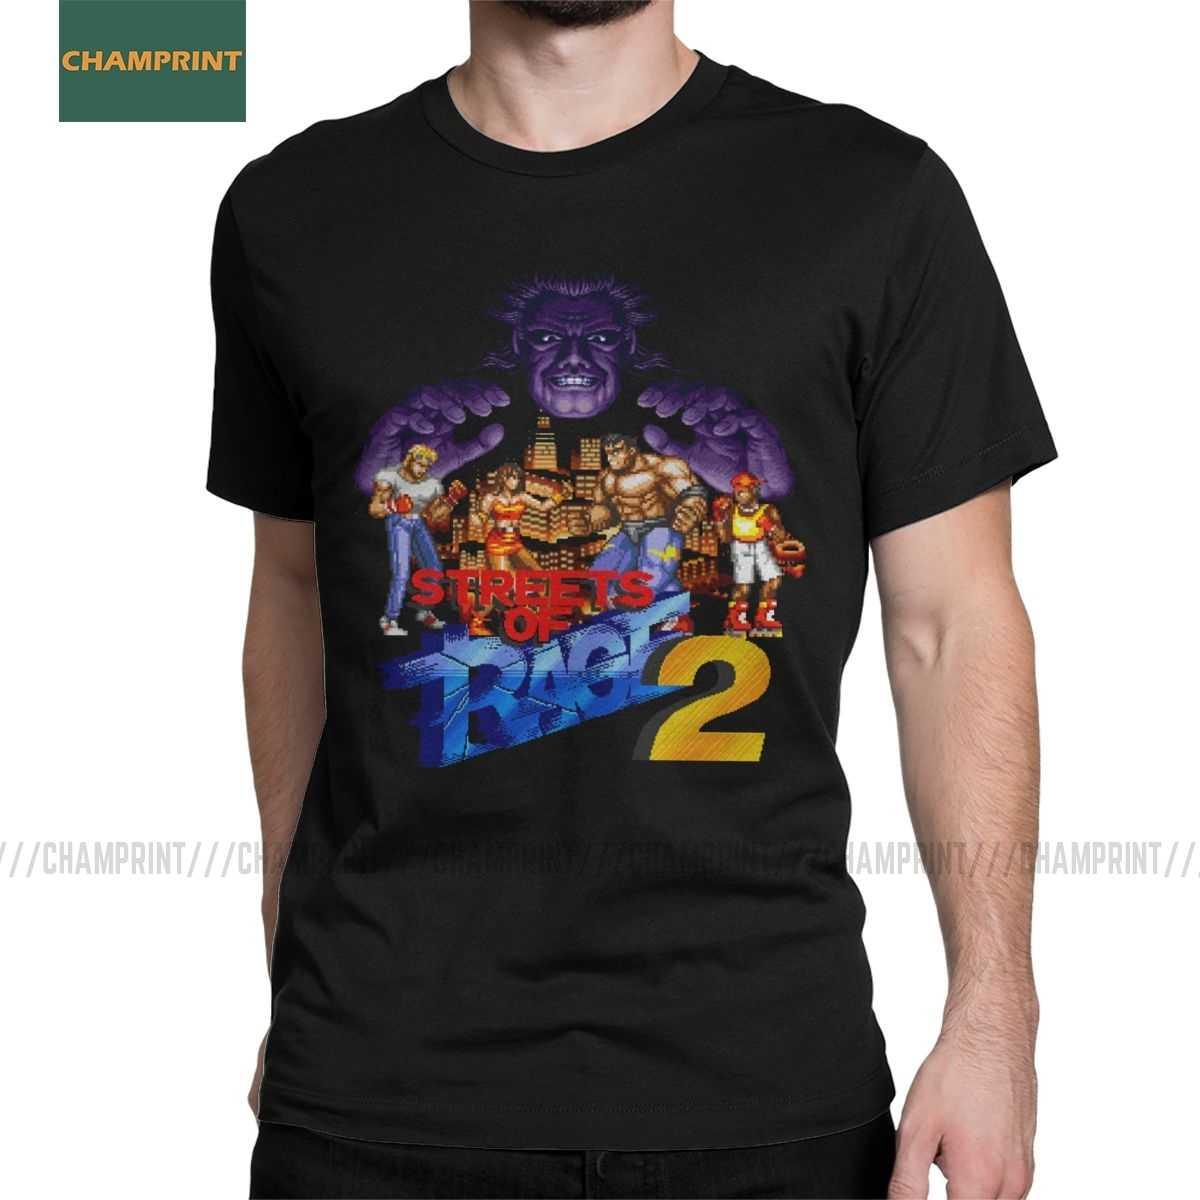 Vintage sokak Rage T-Shirt erkekler ekip boyun saf pamuk T gömlek Retro aks altın balta Blaze oyun kısa kollu tee eşsİz Tops